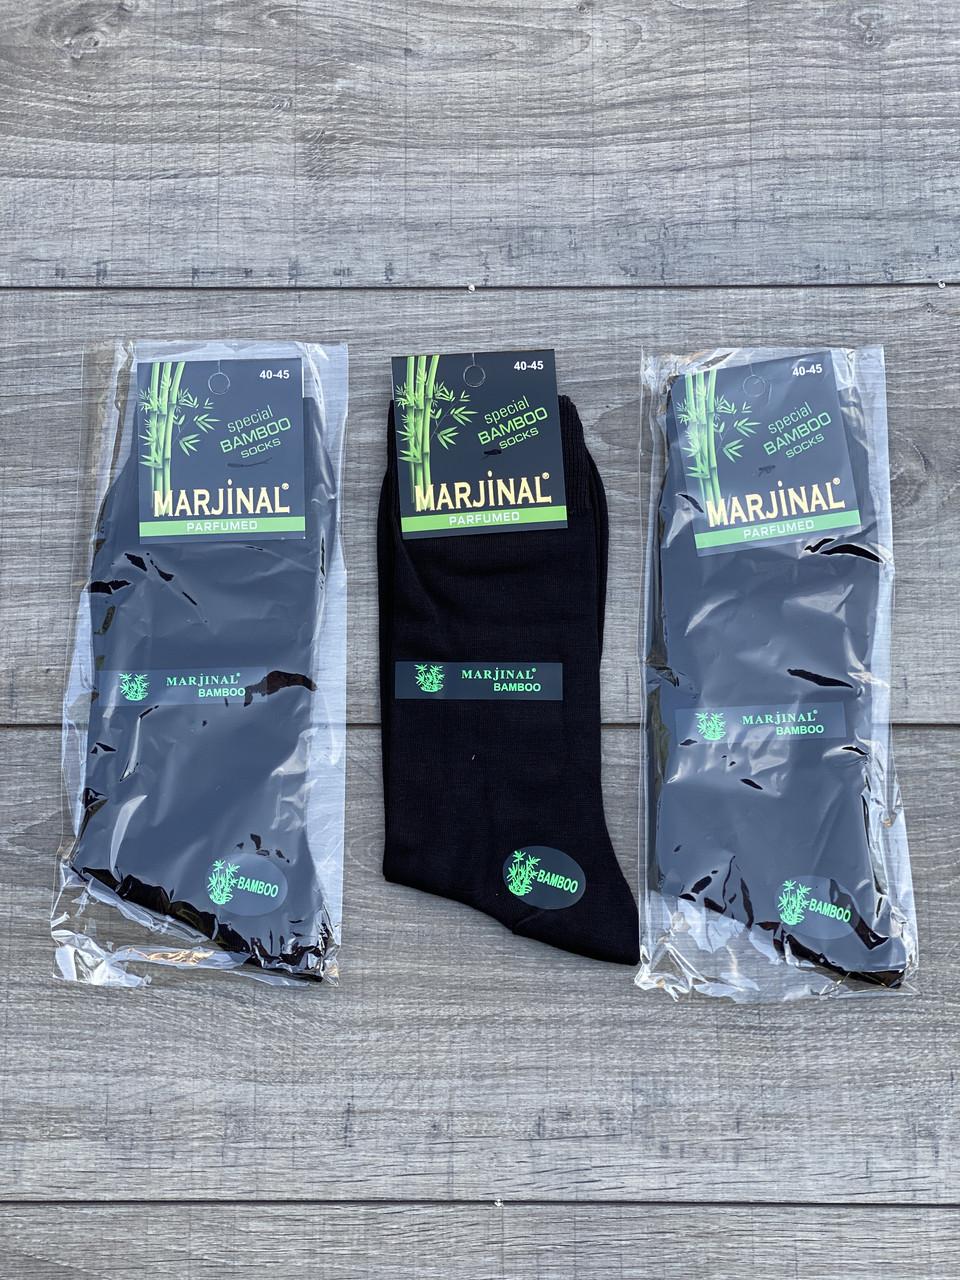 Чоловічі носки шкарпетки стрейчеві Marjinal високі бамбук антибактеріальний продукт 40-45 12 шт в уп чорні